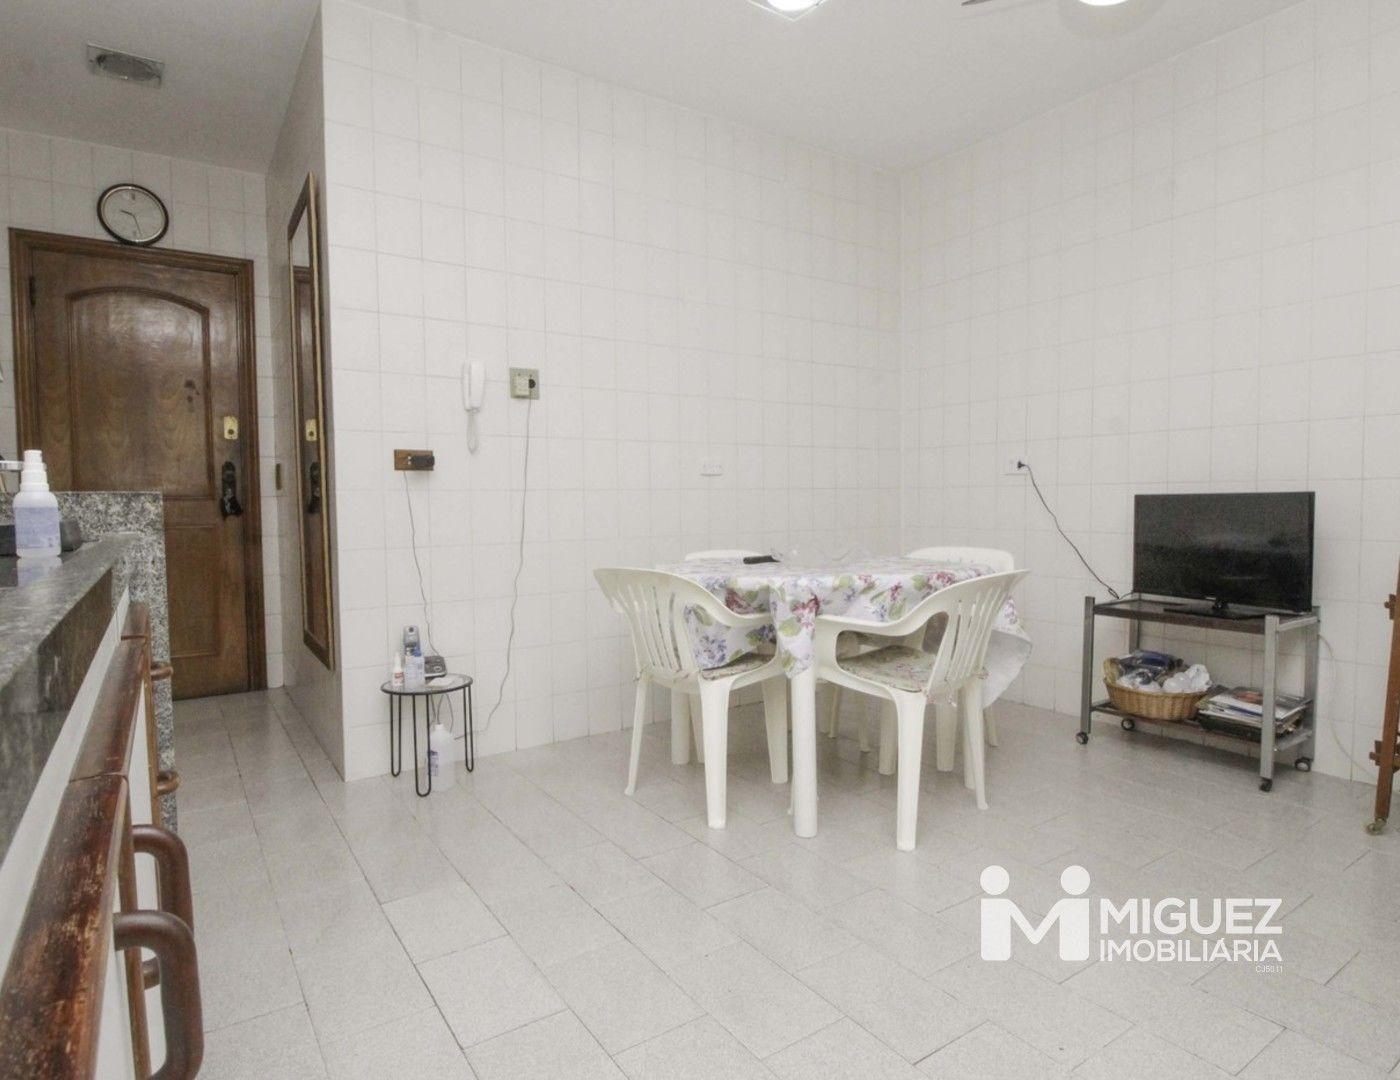 Apartamento, venda, Rua Fernandes Figueira - Tijuca , Rio de janeiro